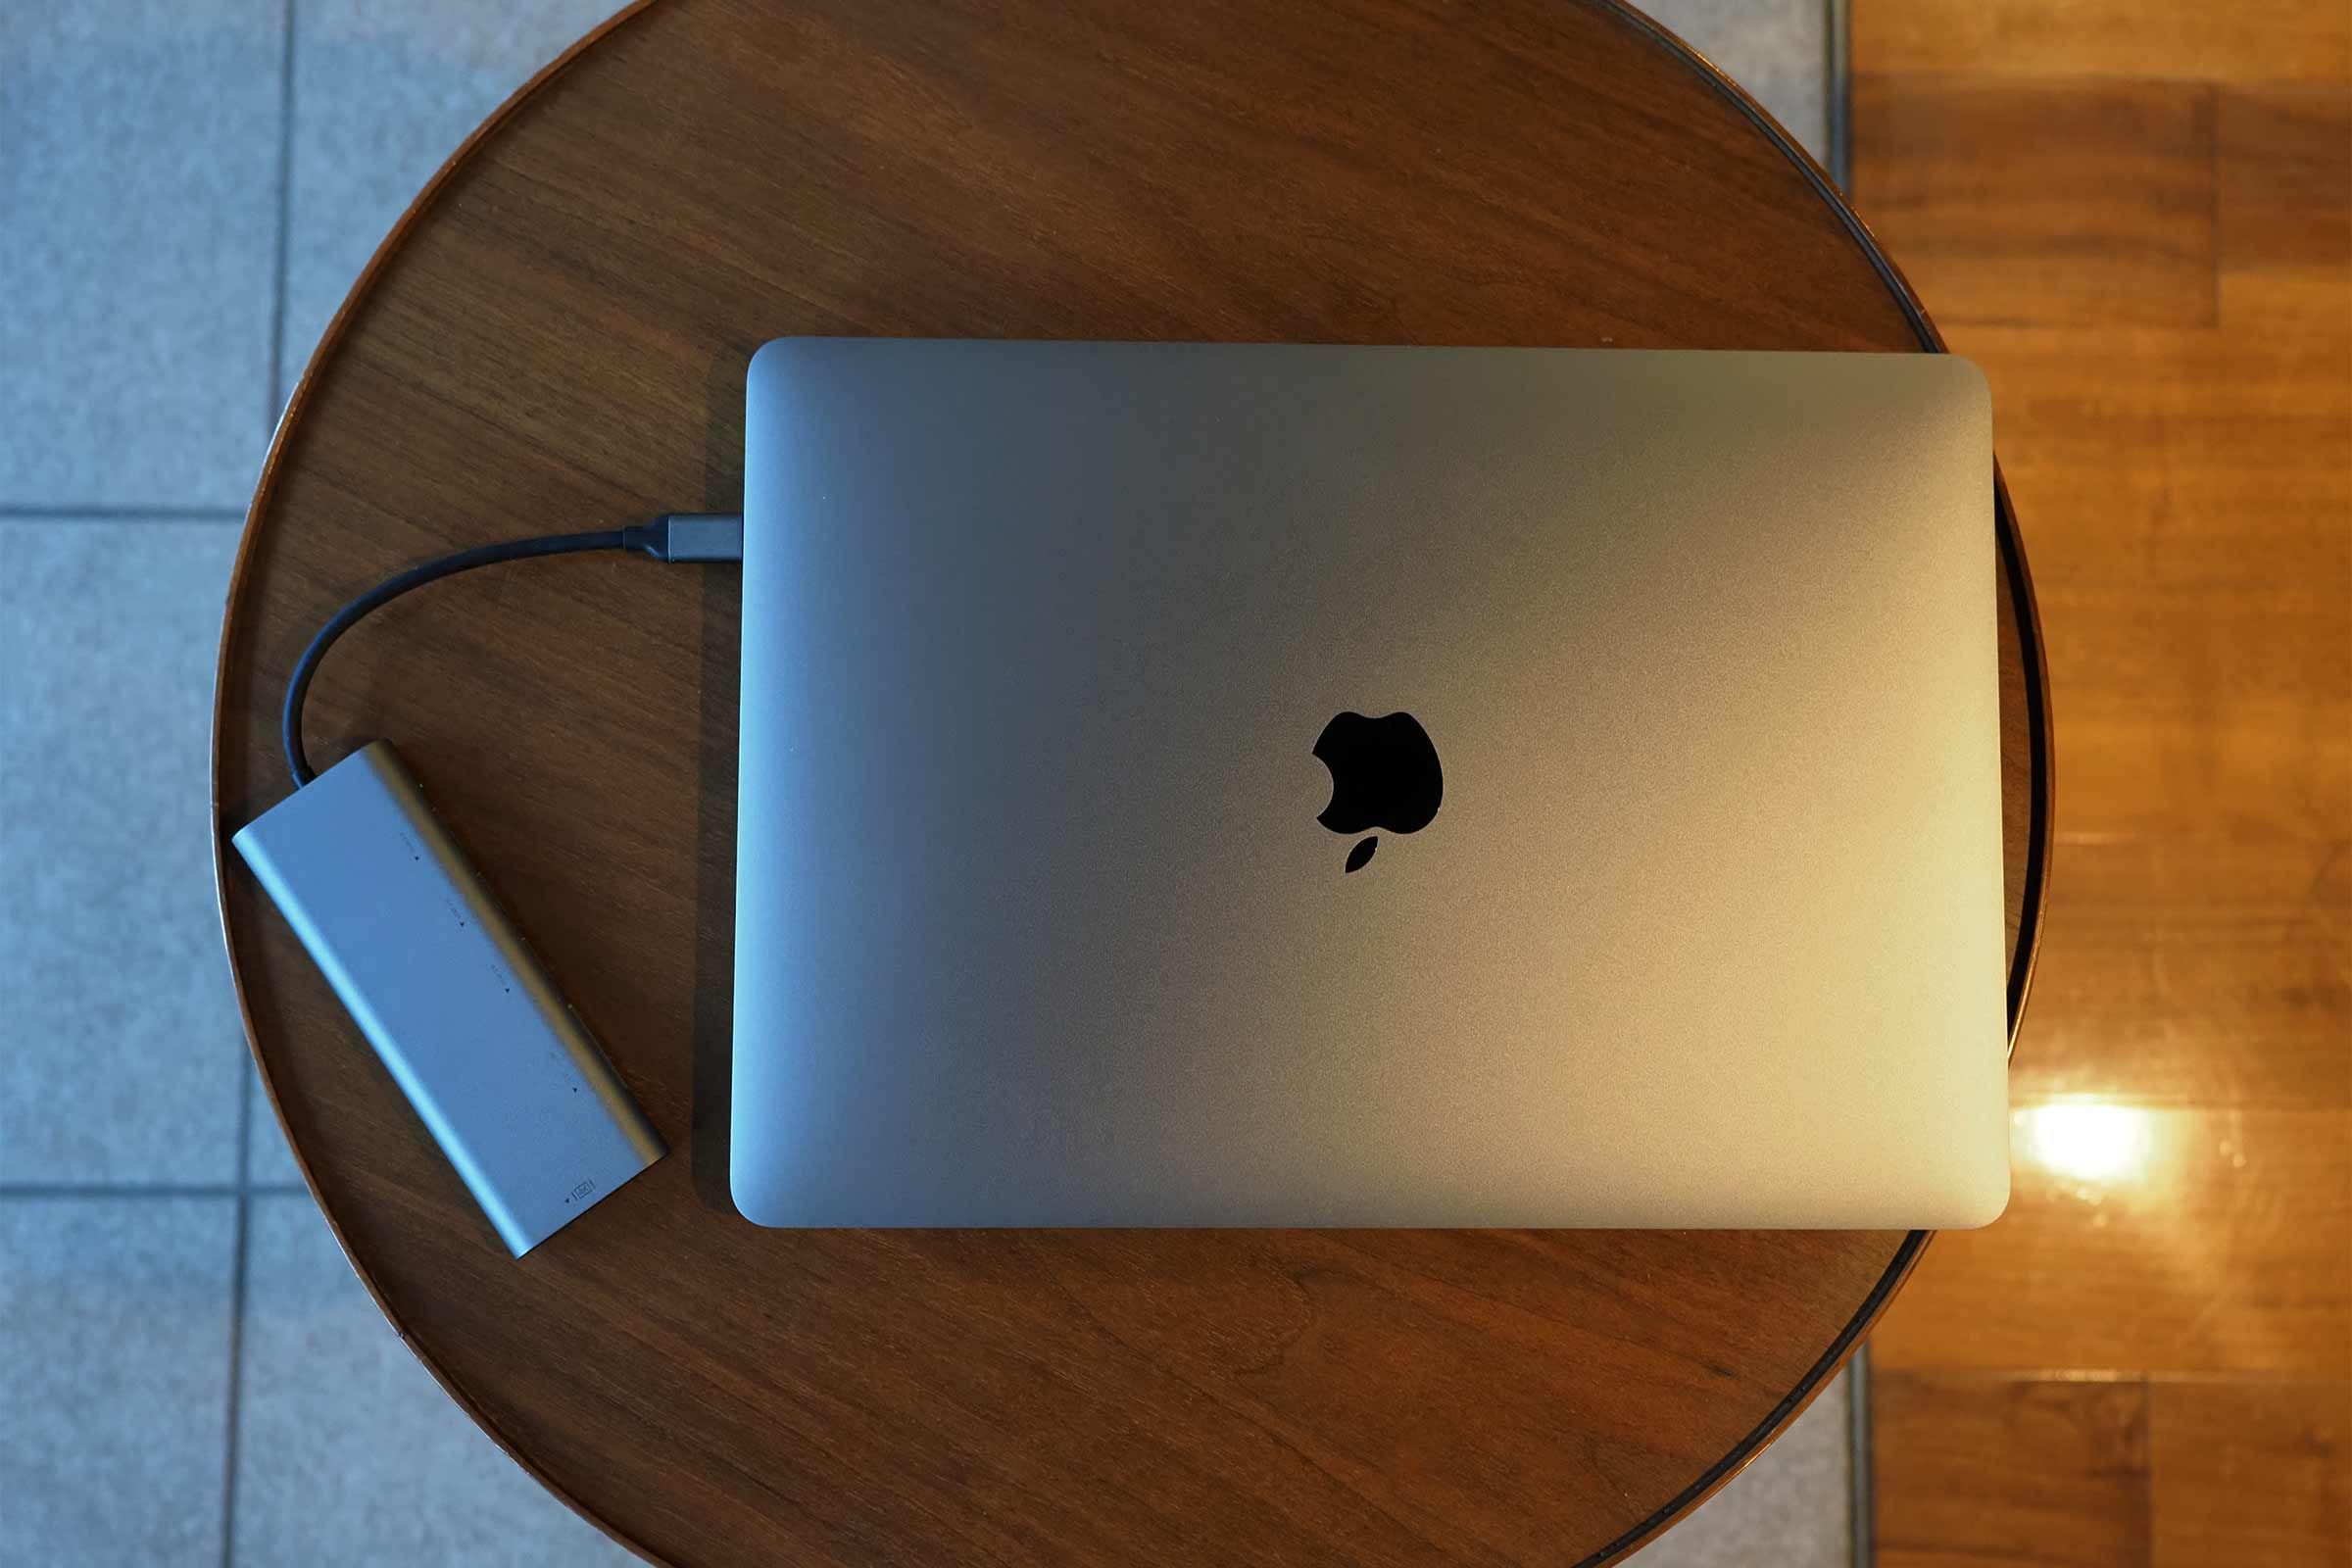 USB-Cハブ,MacBook Pro,パソコン,ガジェット,HDMI,USB3.0,便利,おすすめ